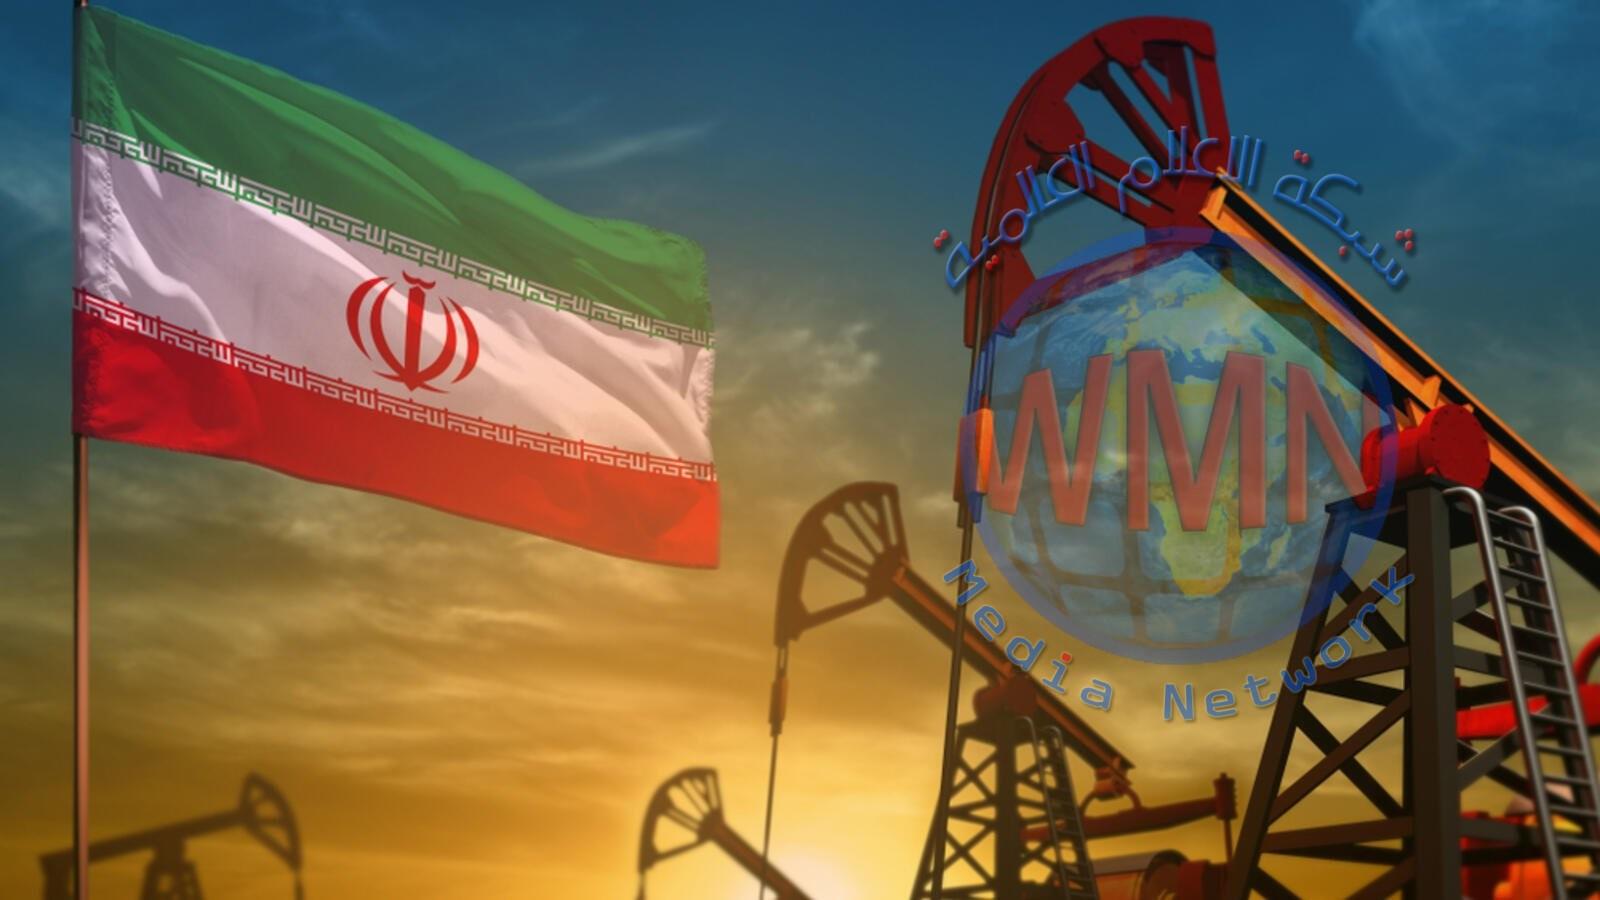 تركيا توقف شراء النفط الإيراني التزاماً بالعقوبات الأميركية